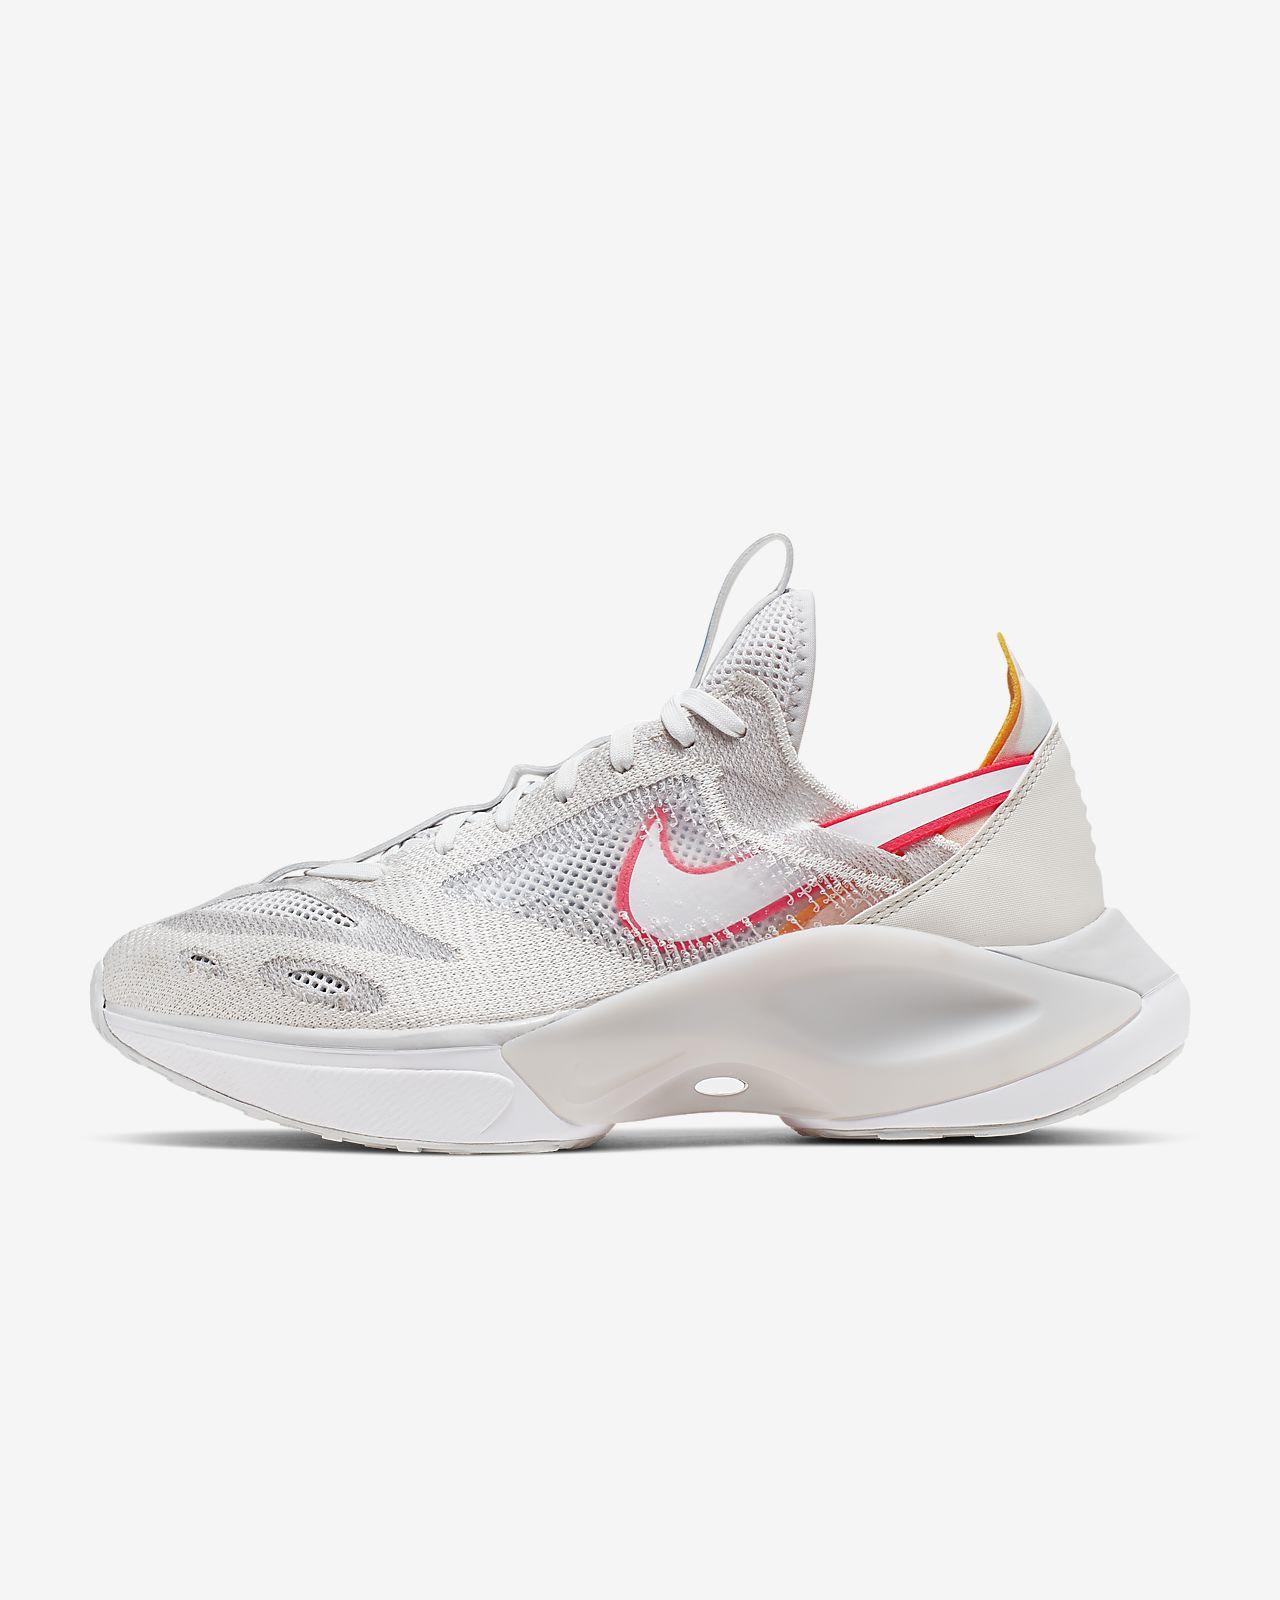 Nike N110 D/MS/X 男子运动鞋